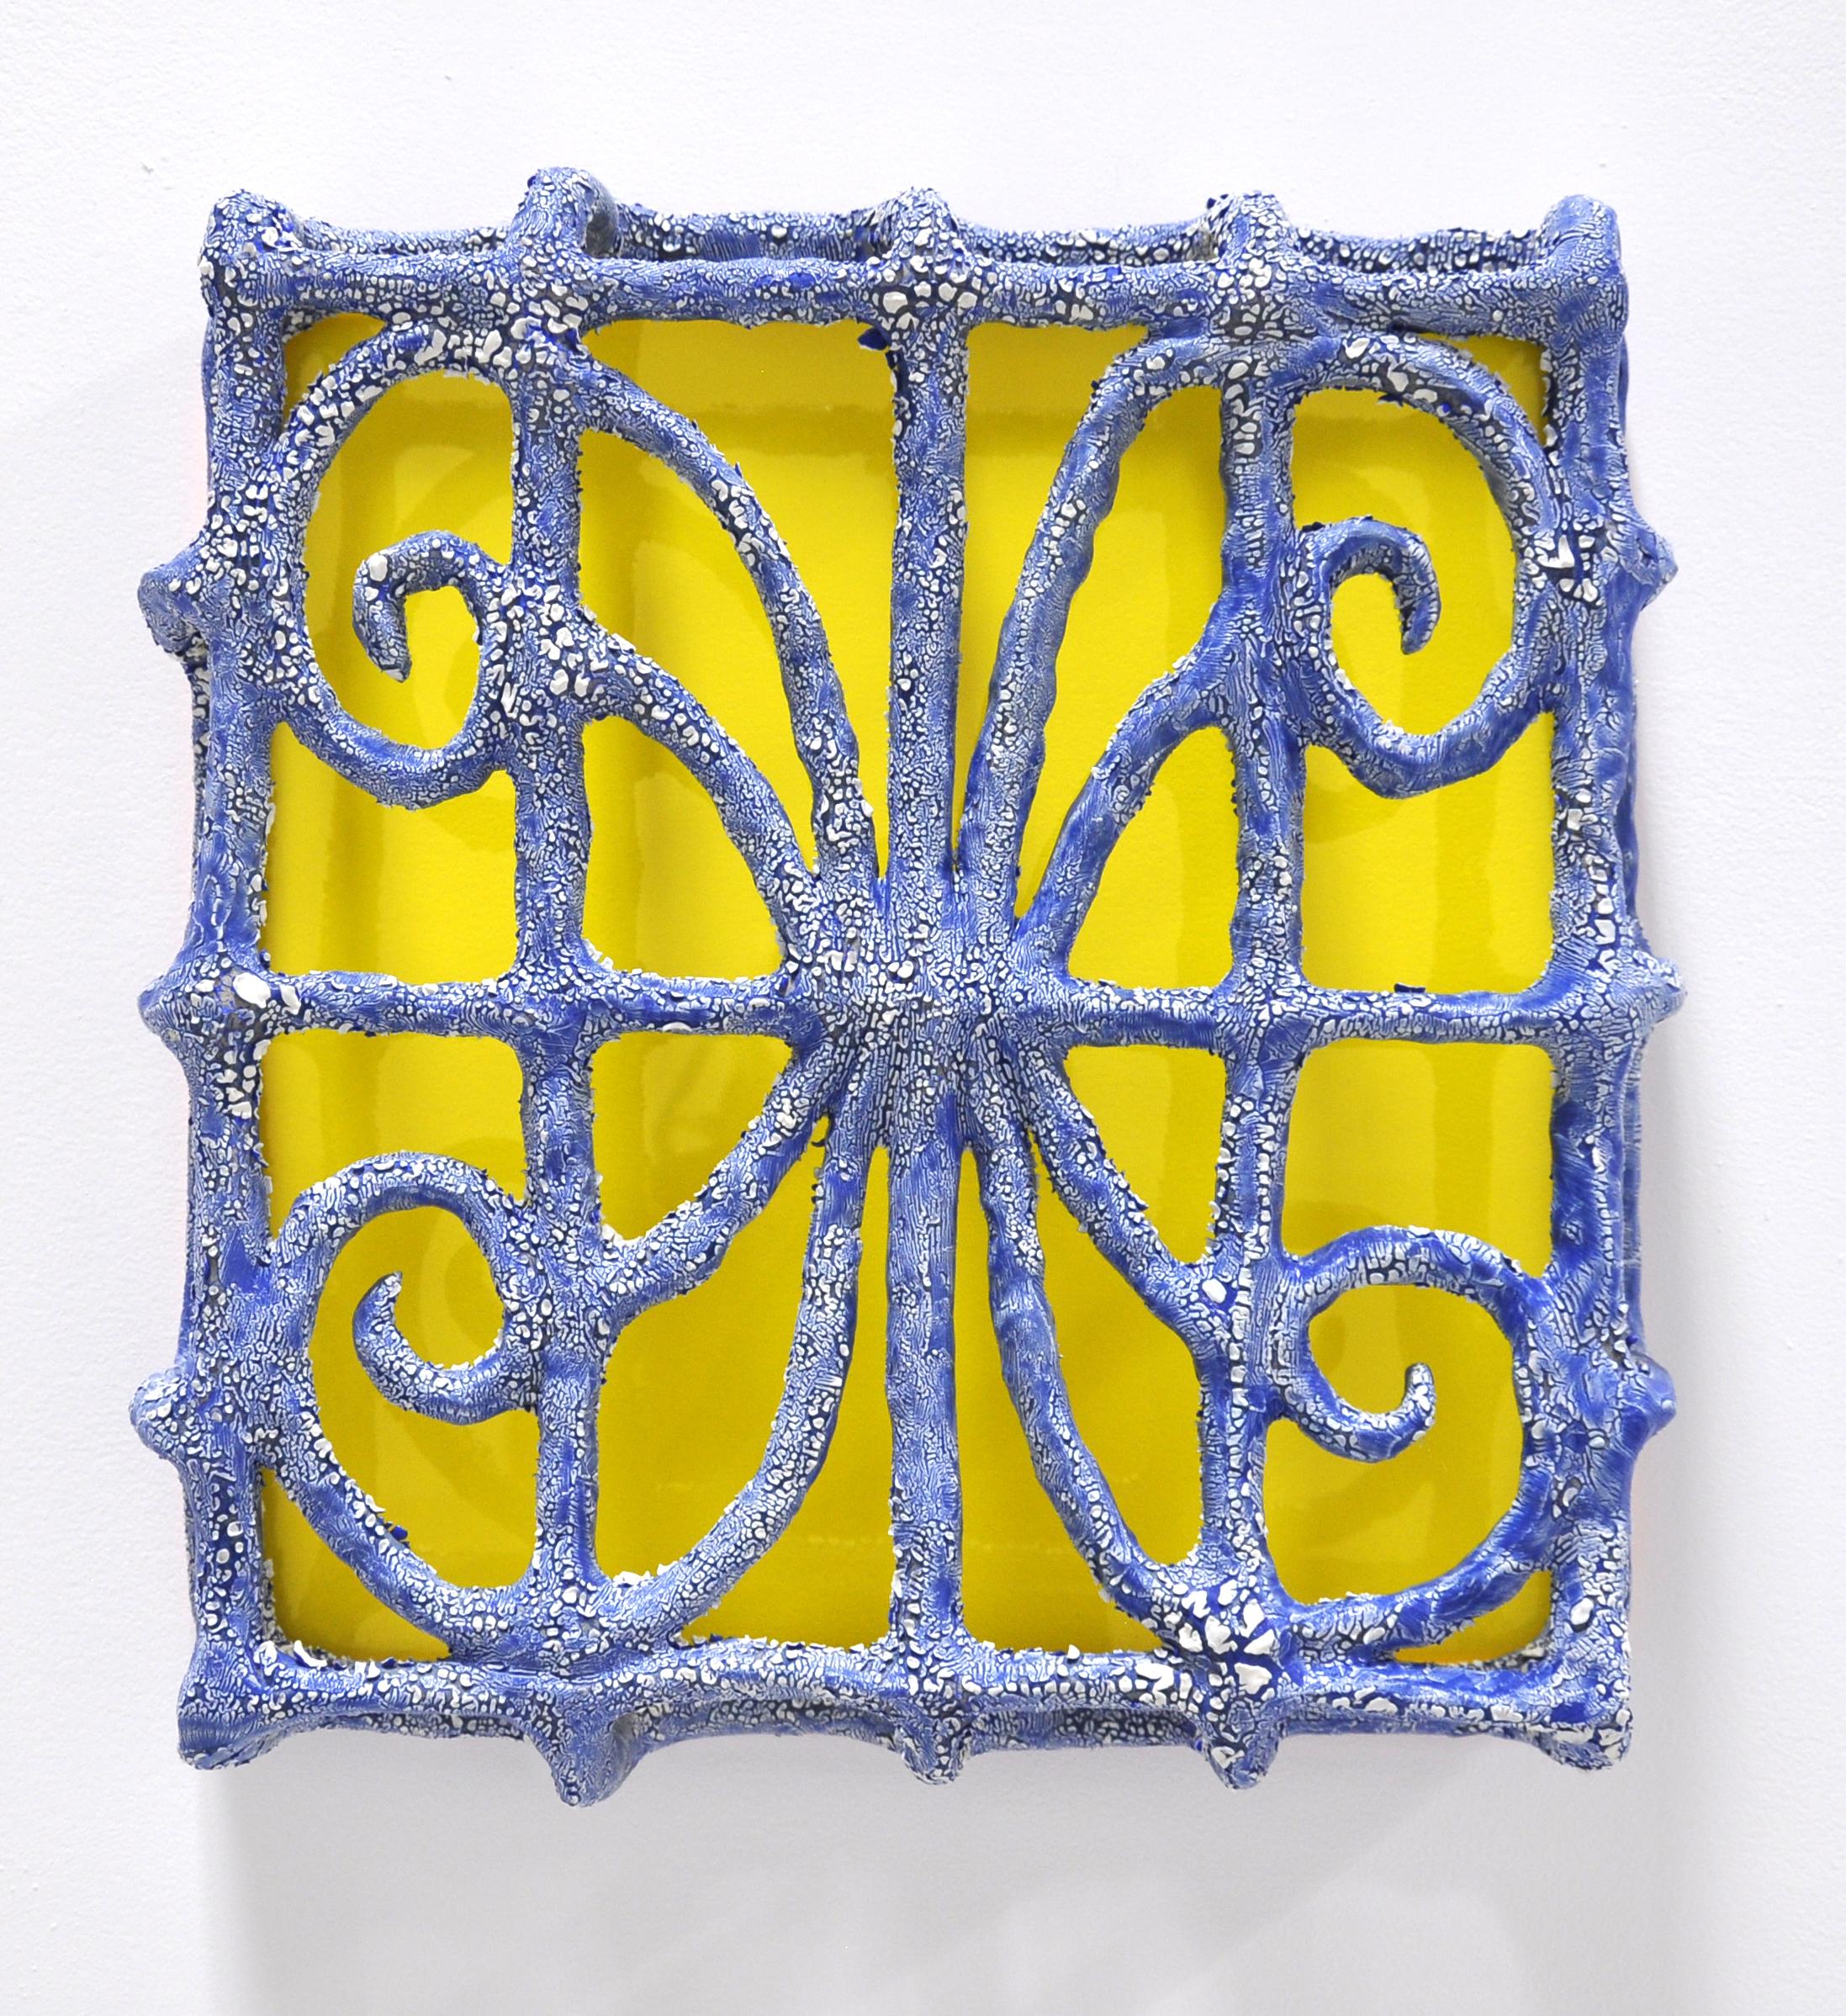 Nick Makanna, Isolationism I, 2019, Glazed ceramic and plexiglass, 20 x 5 x 19 in, $2000